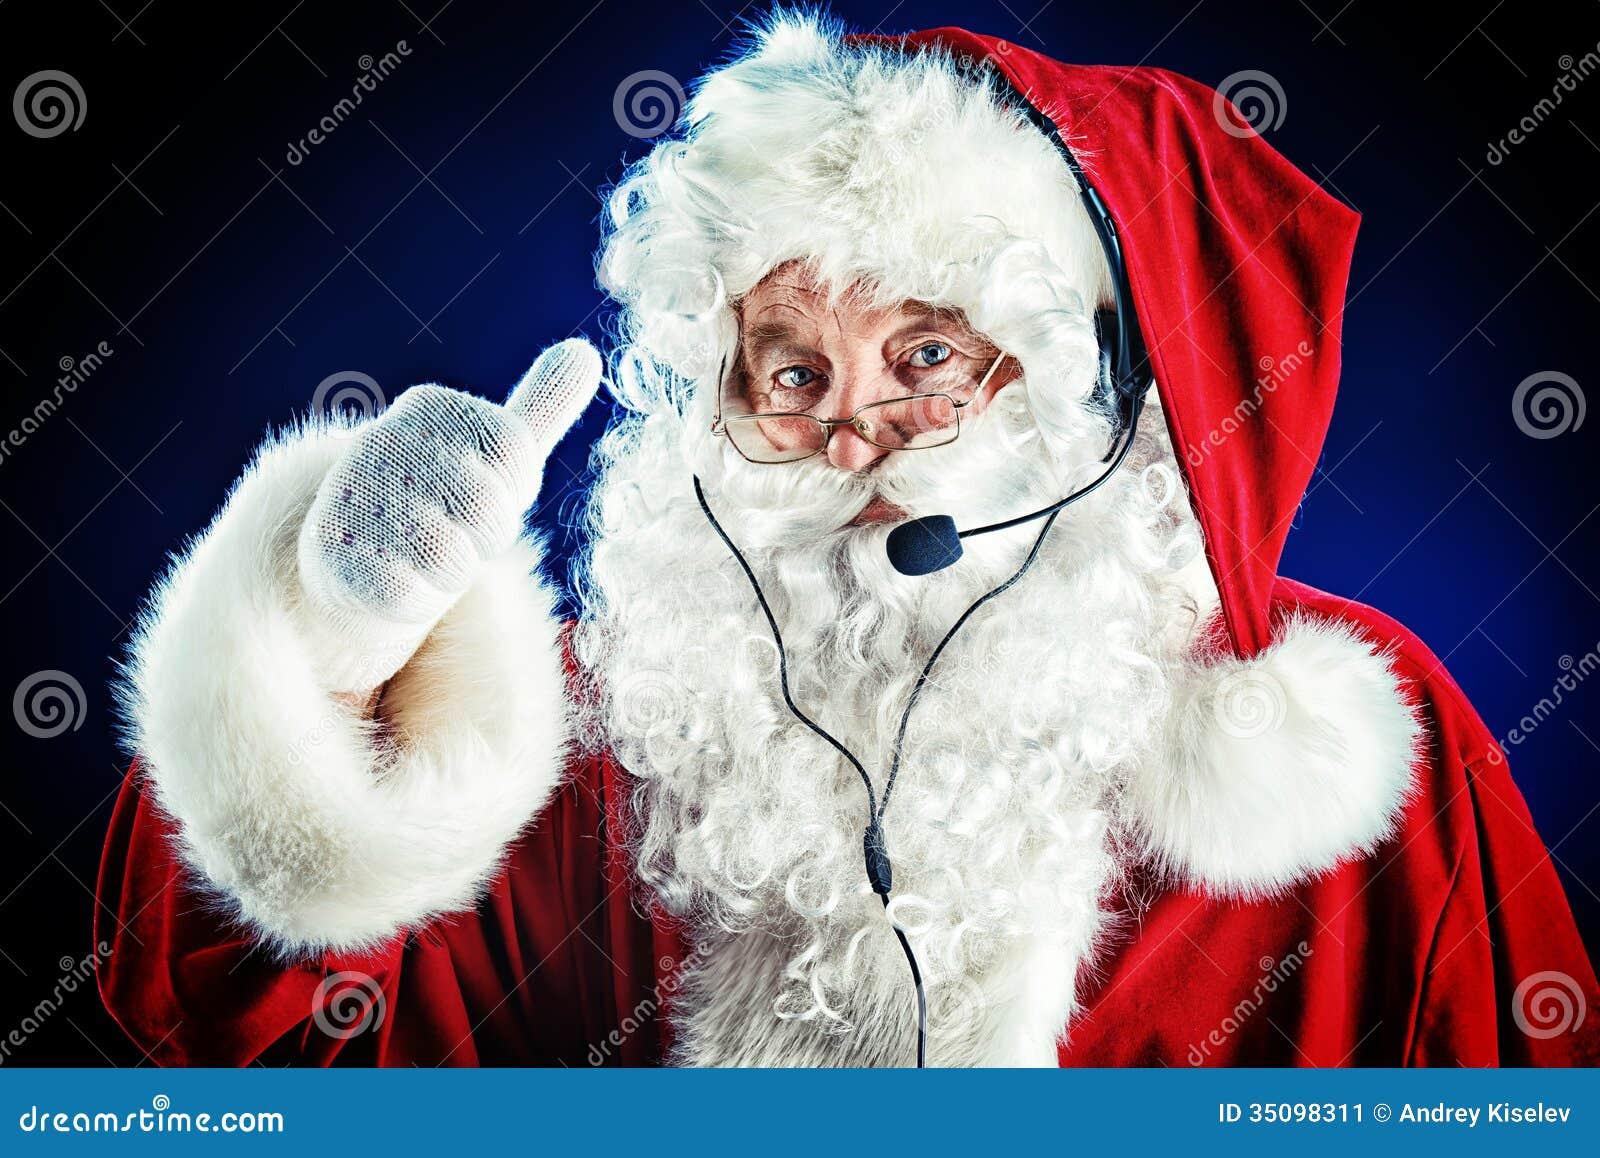 Christmas Man Gifts